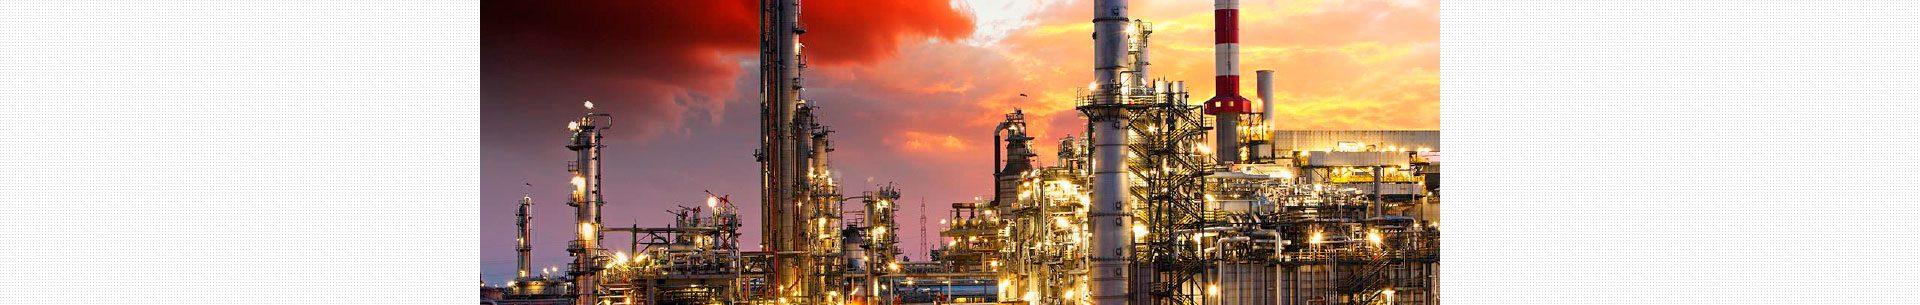 industria de la Petroquimica y refino